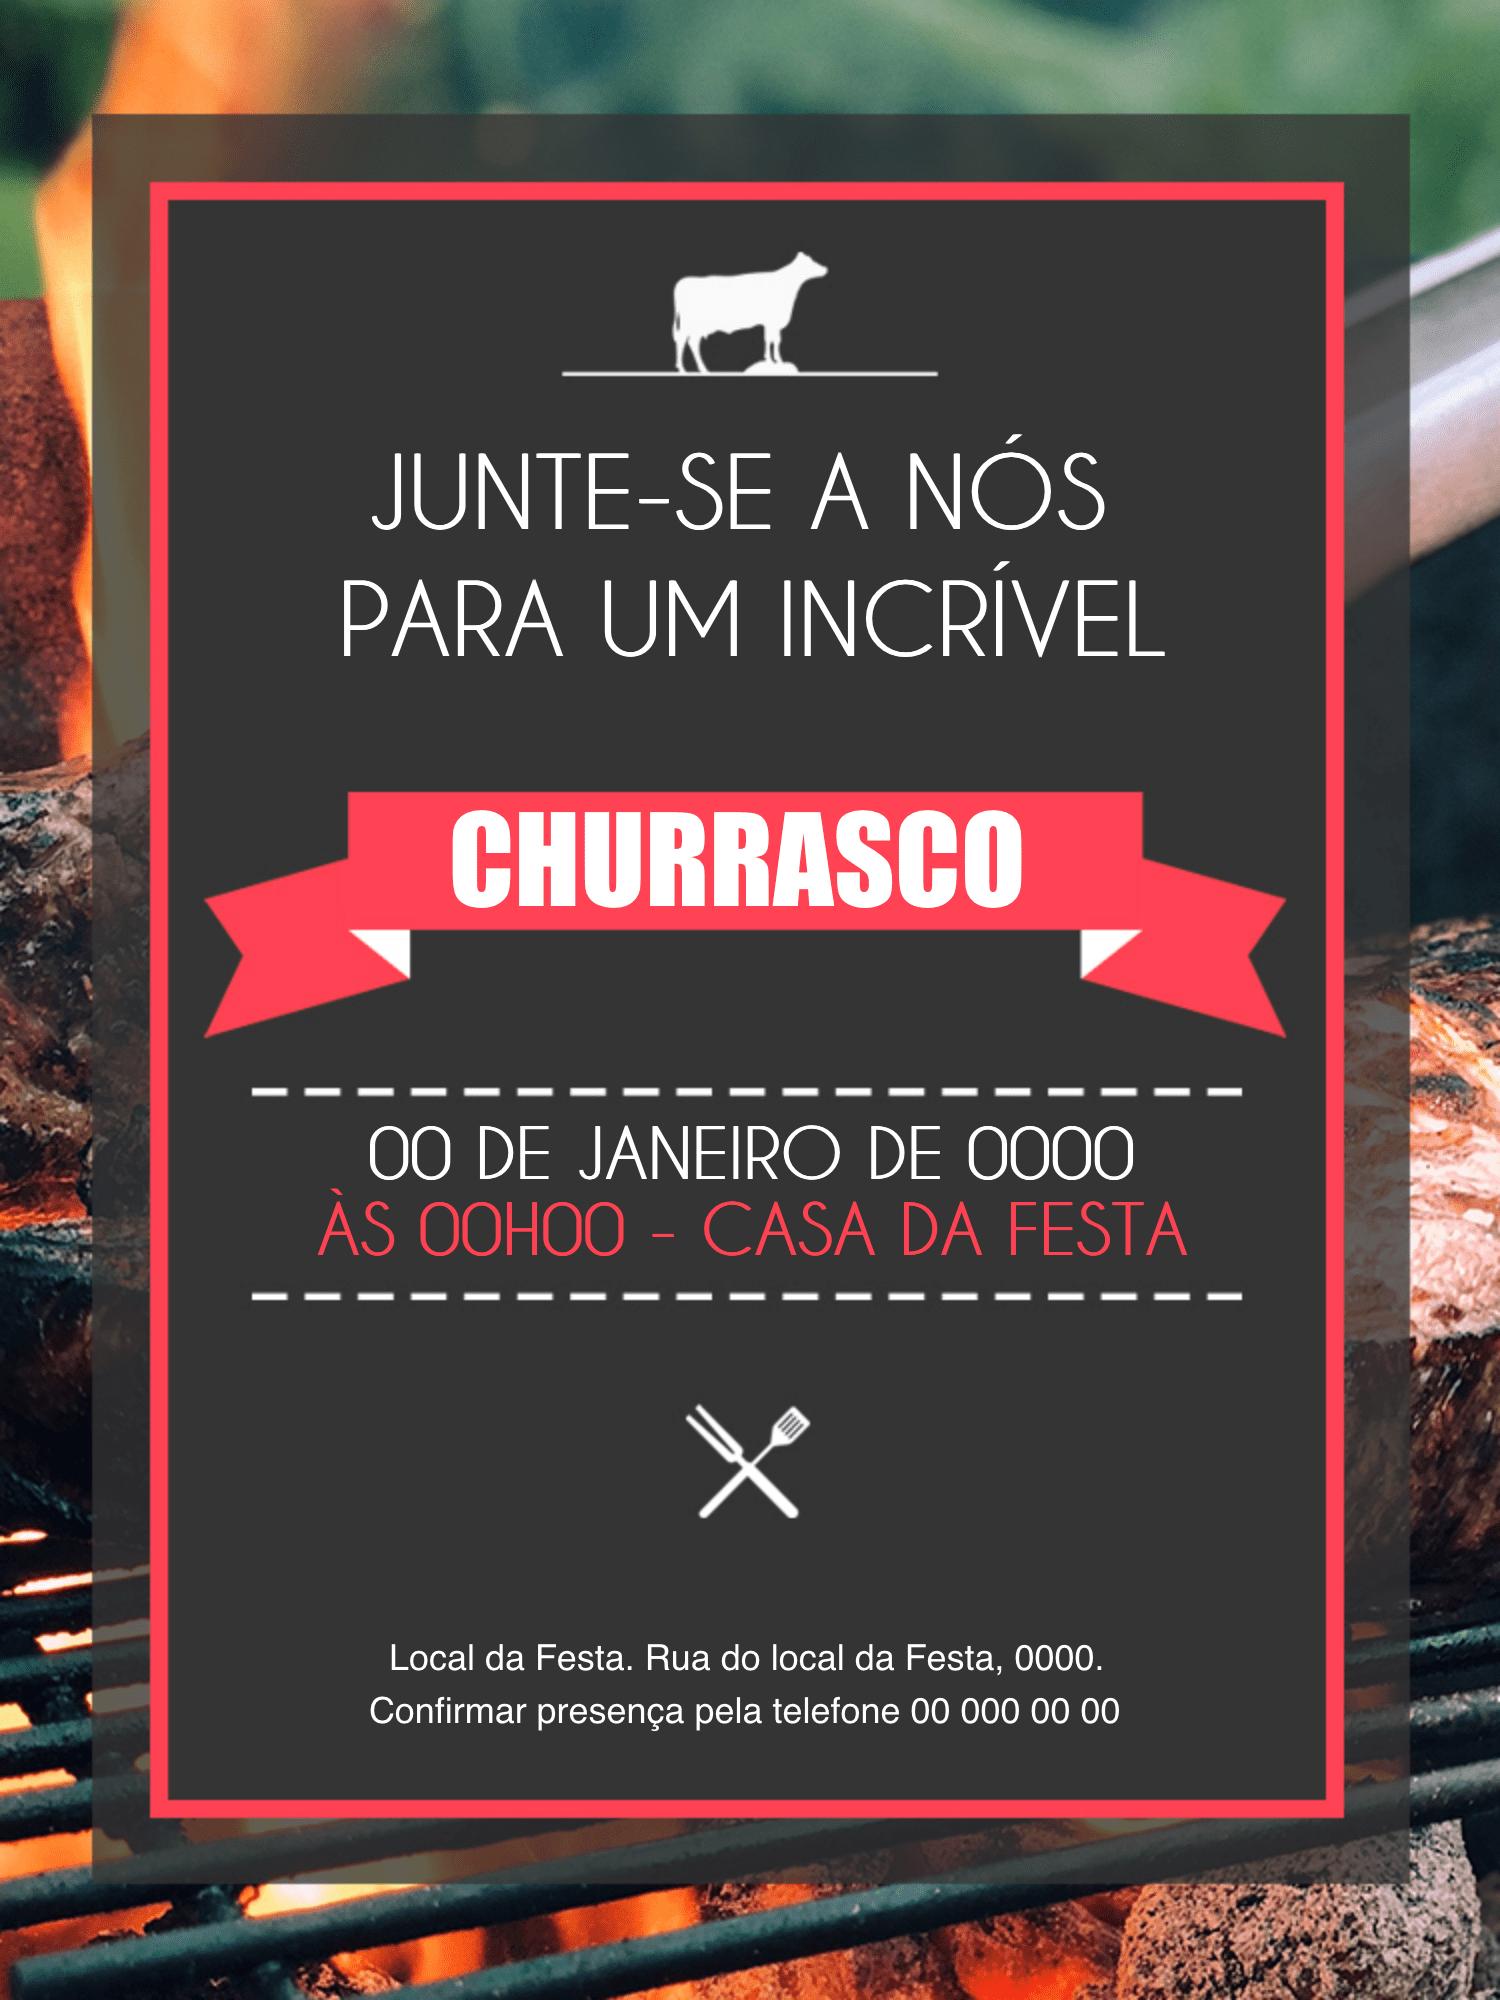 Convite Churrasco, festa, comemoração, adulto, homem, assado, carne, fogo, comemoração, celebração, janta, almoço, online, digital, personalizado, whatsapp